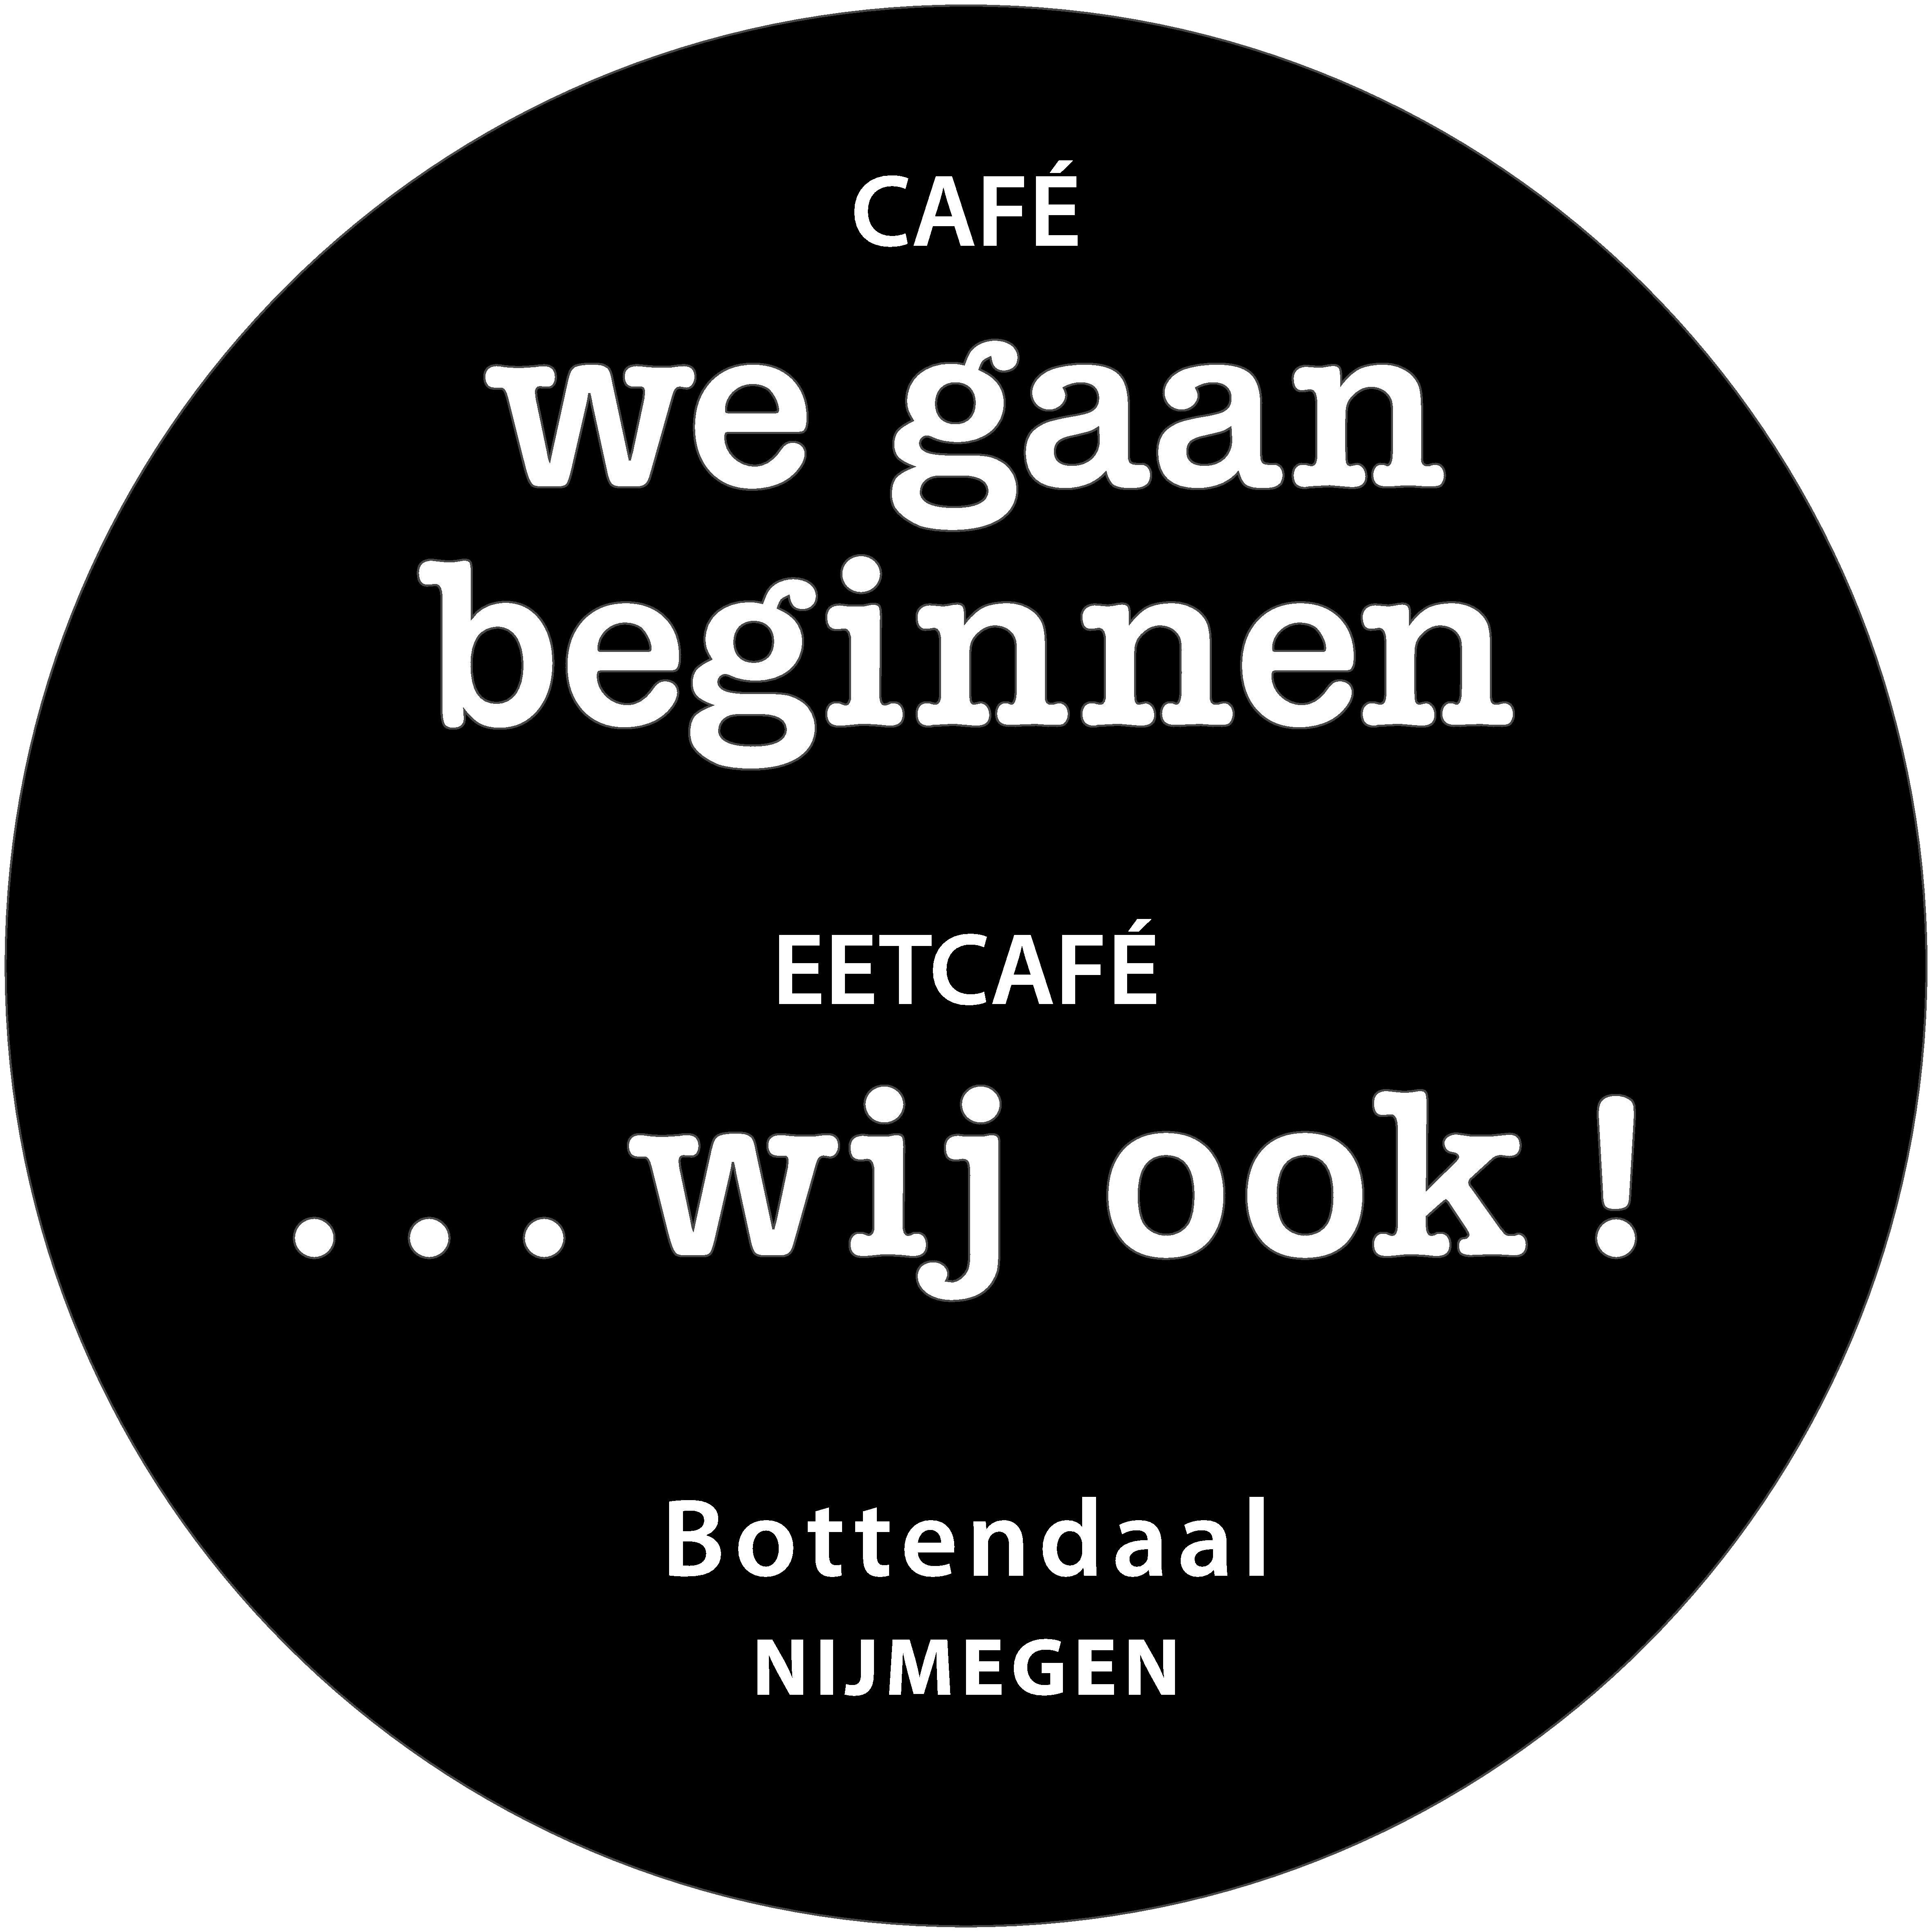 Cafe We Gaan Beginnen Eetcafe Wij Ook Cafe We Gaan